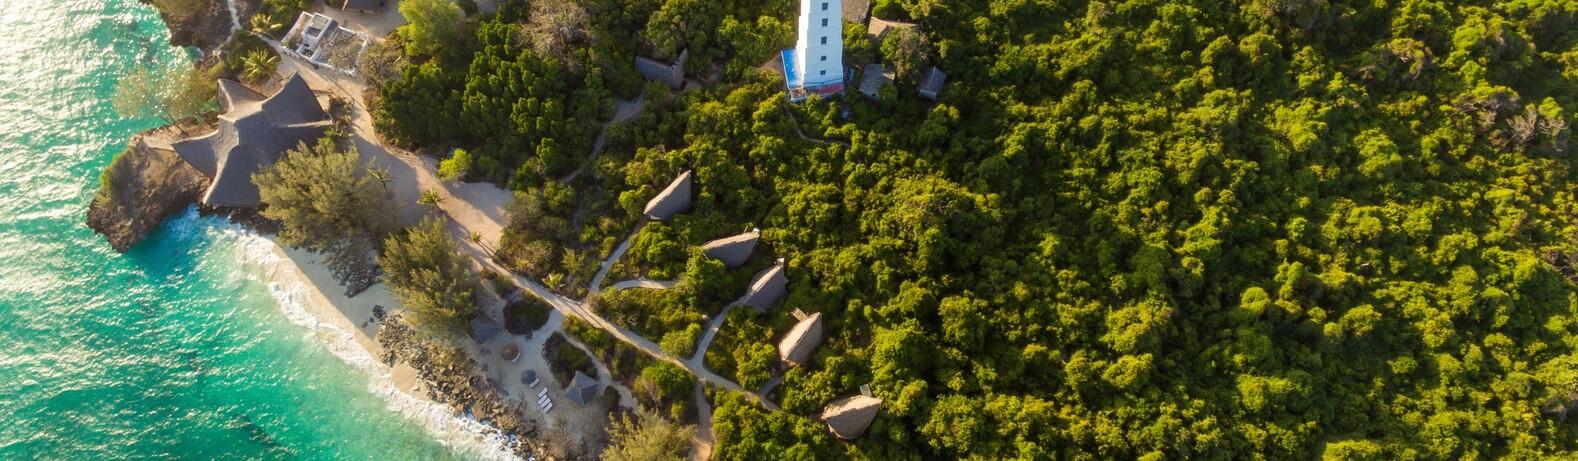 Koraljni otok Chumbe